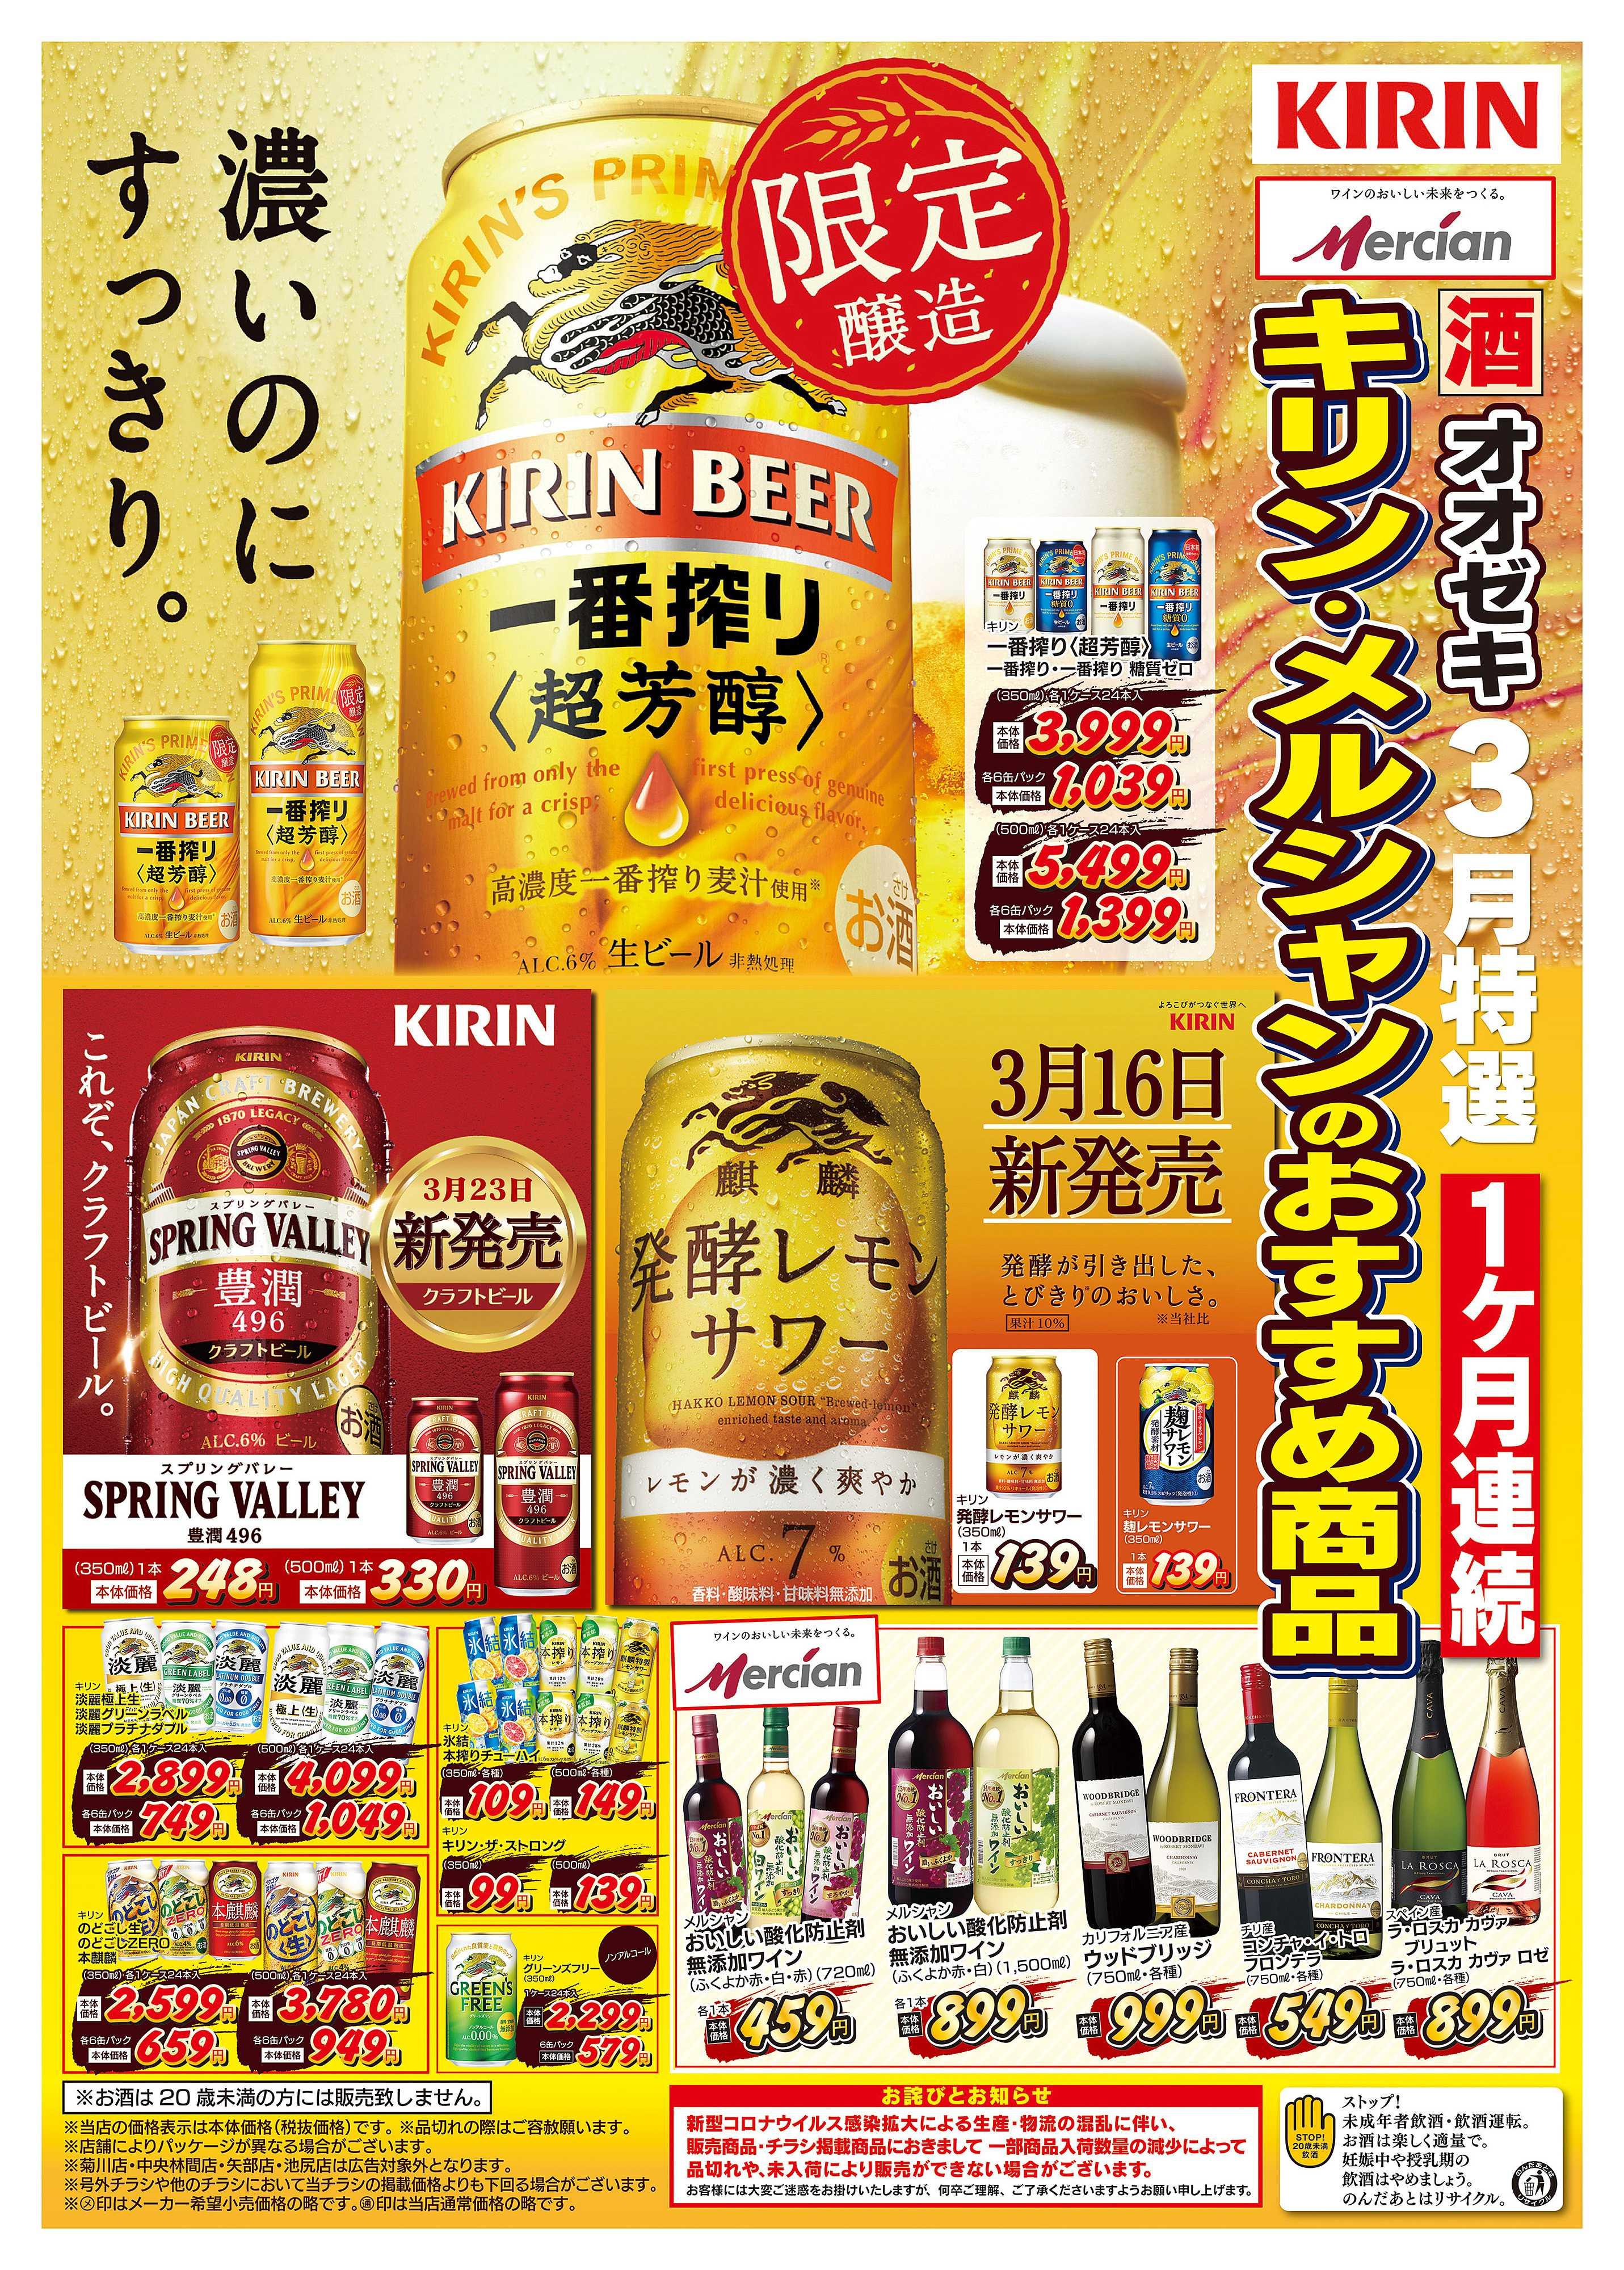 オオゼキ 3月特選 酒 キリン・メルシャンのおすすめ商品